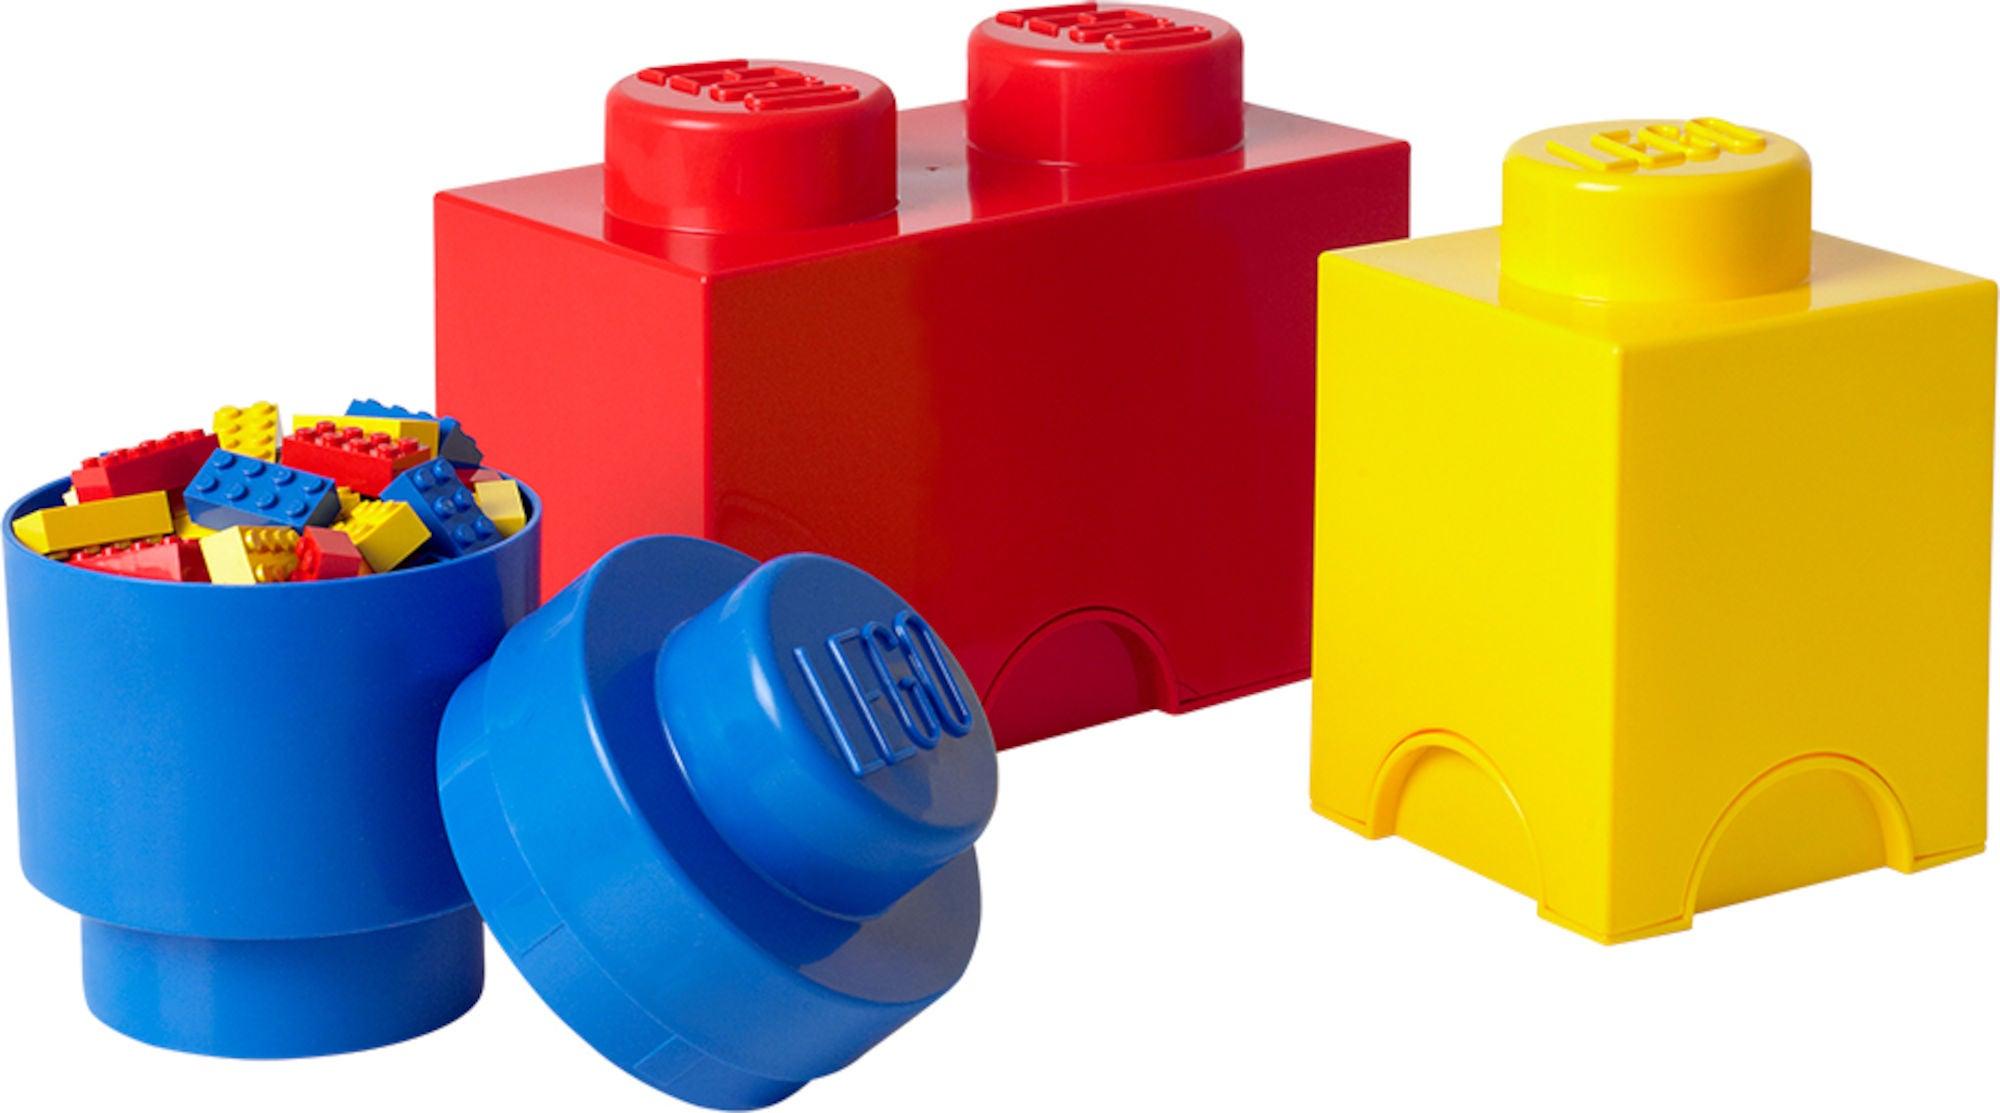 LEGO Säilytyslaatikot 3-pack